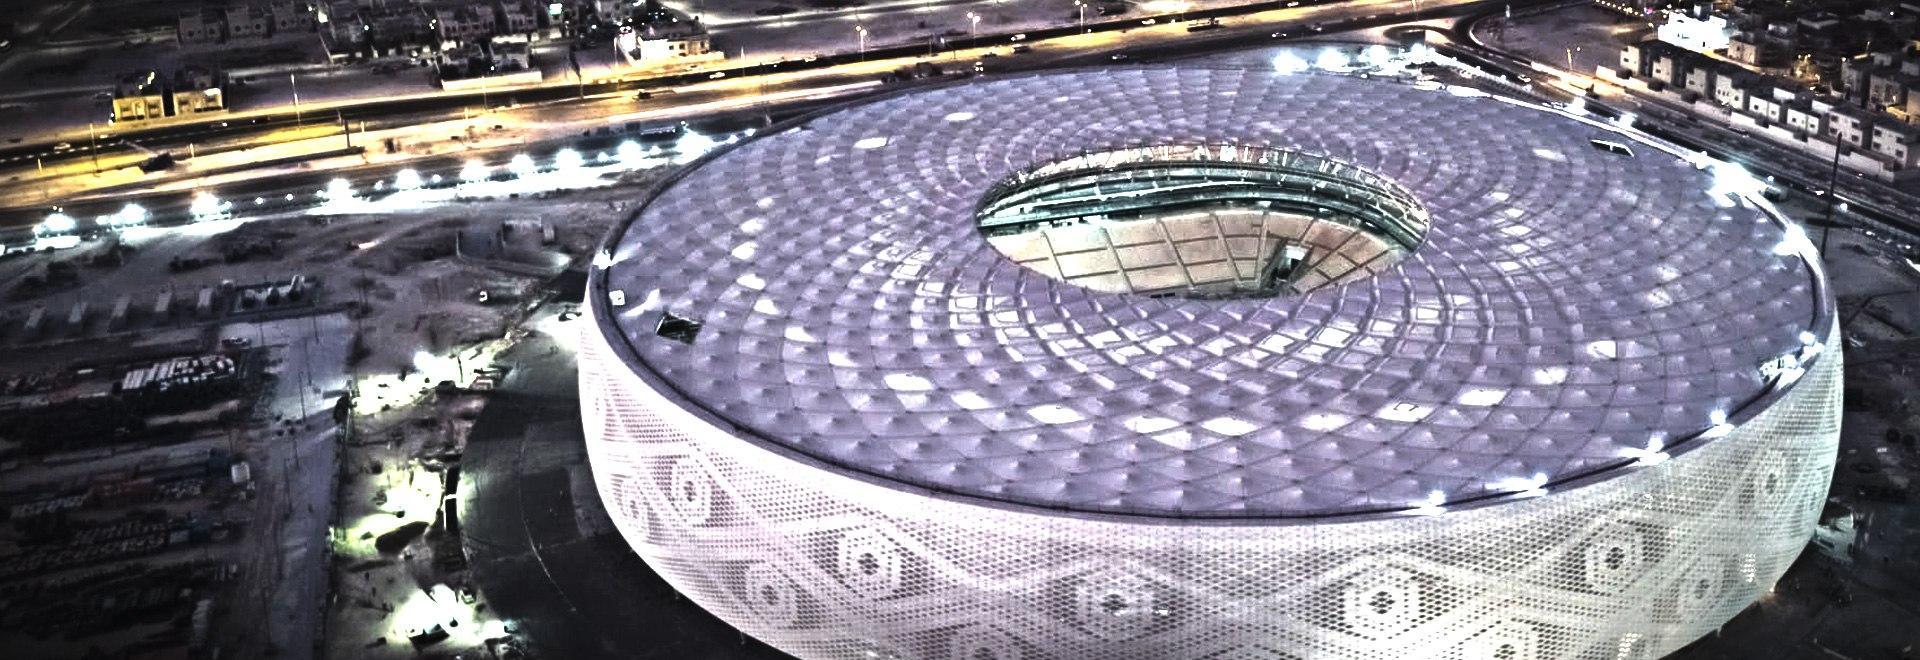 Sorteggio Preliminari FIFA World Cup 2022